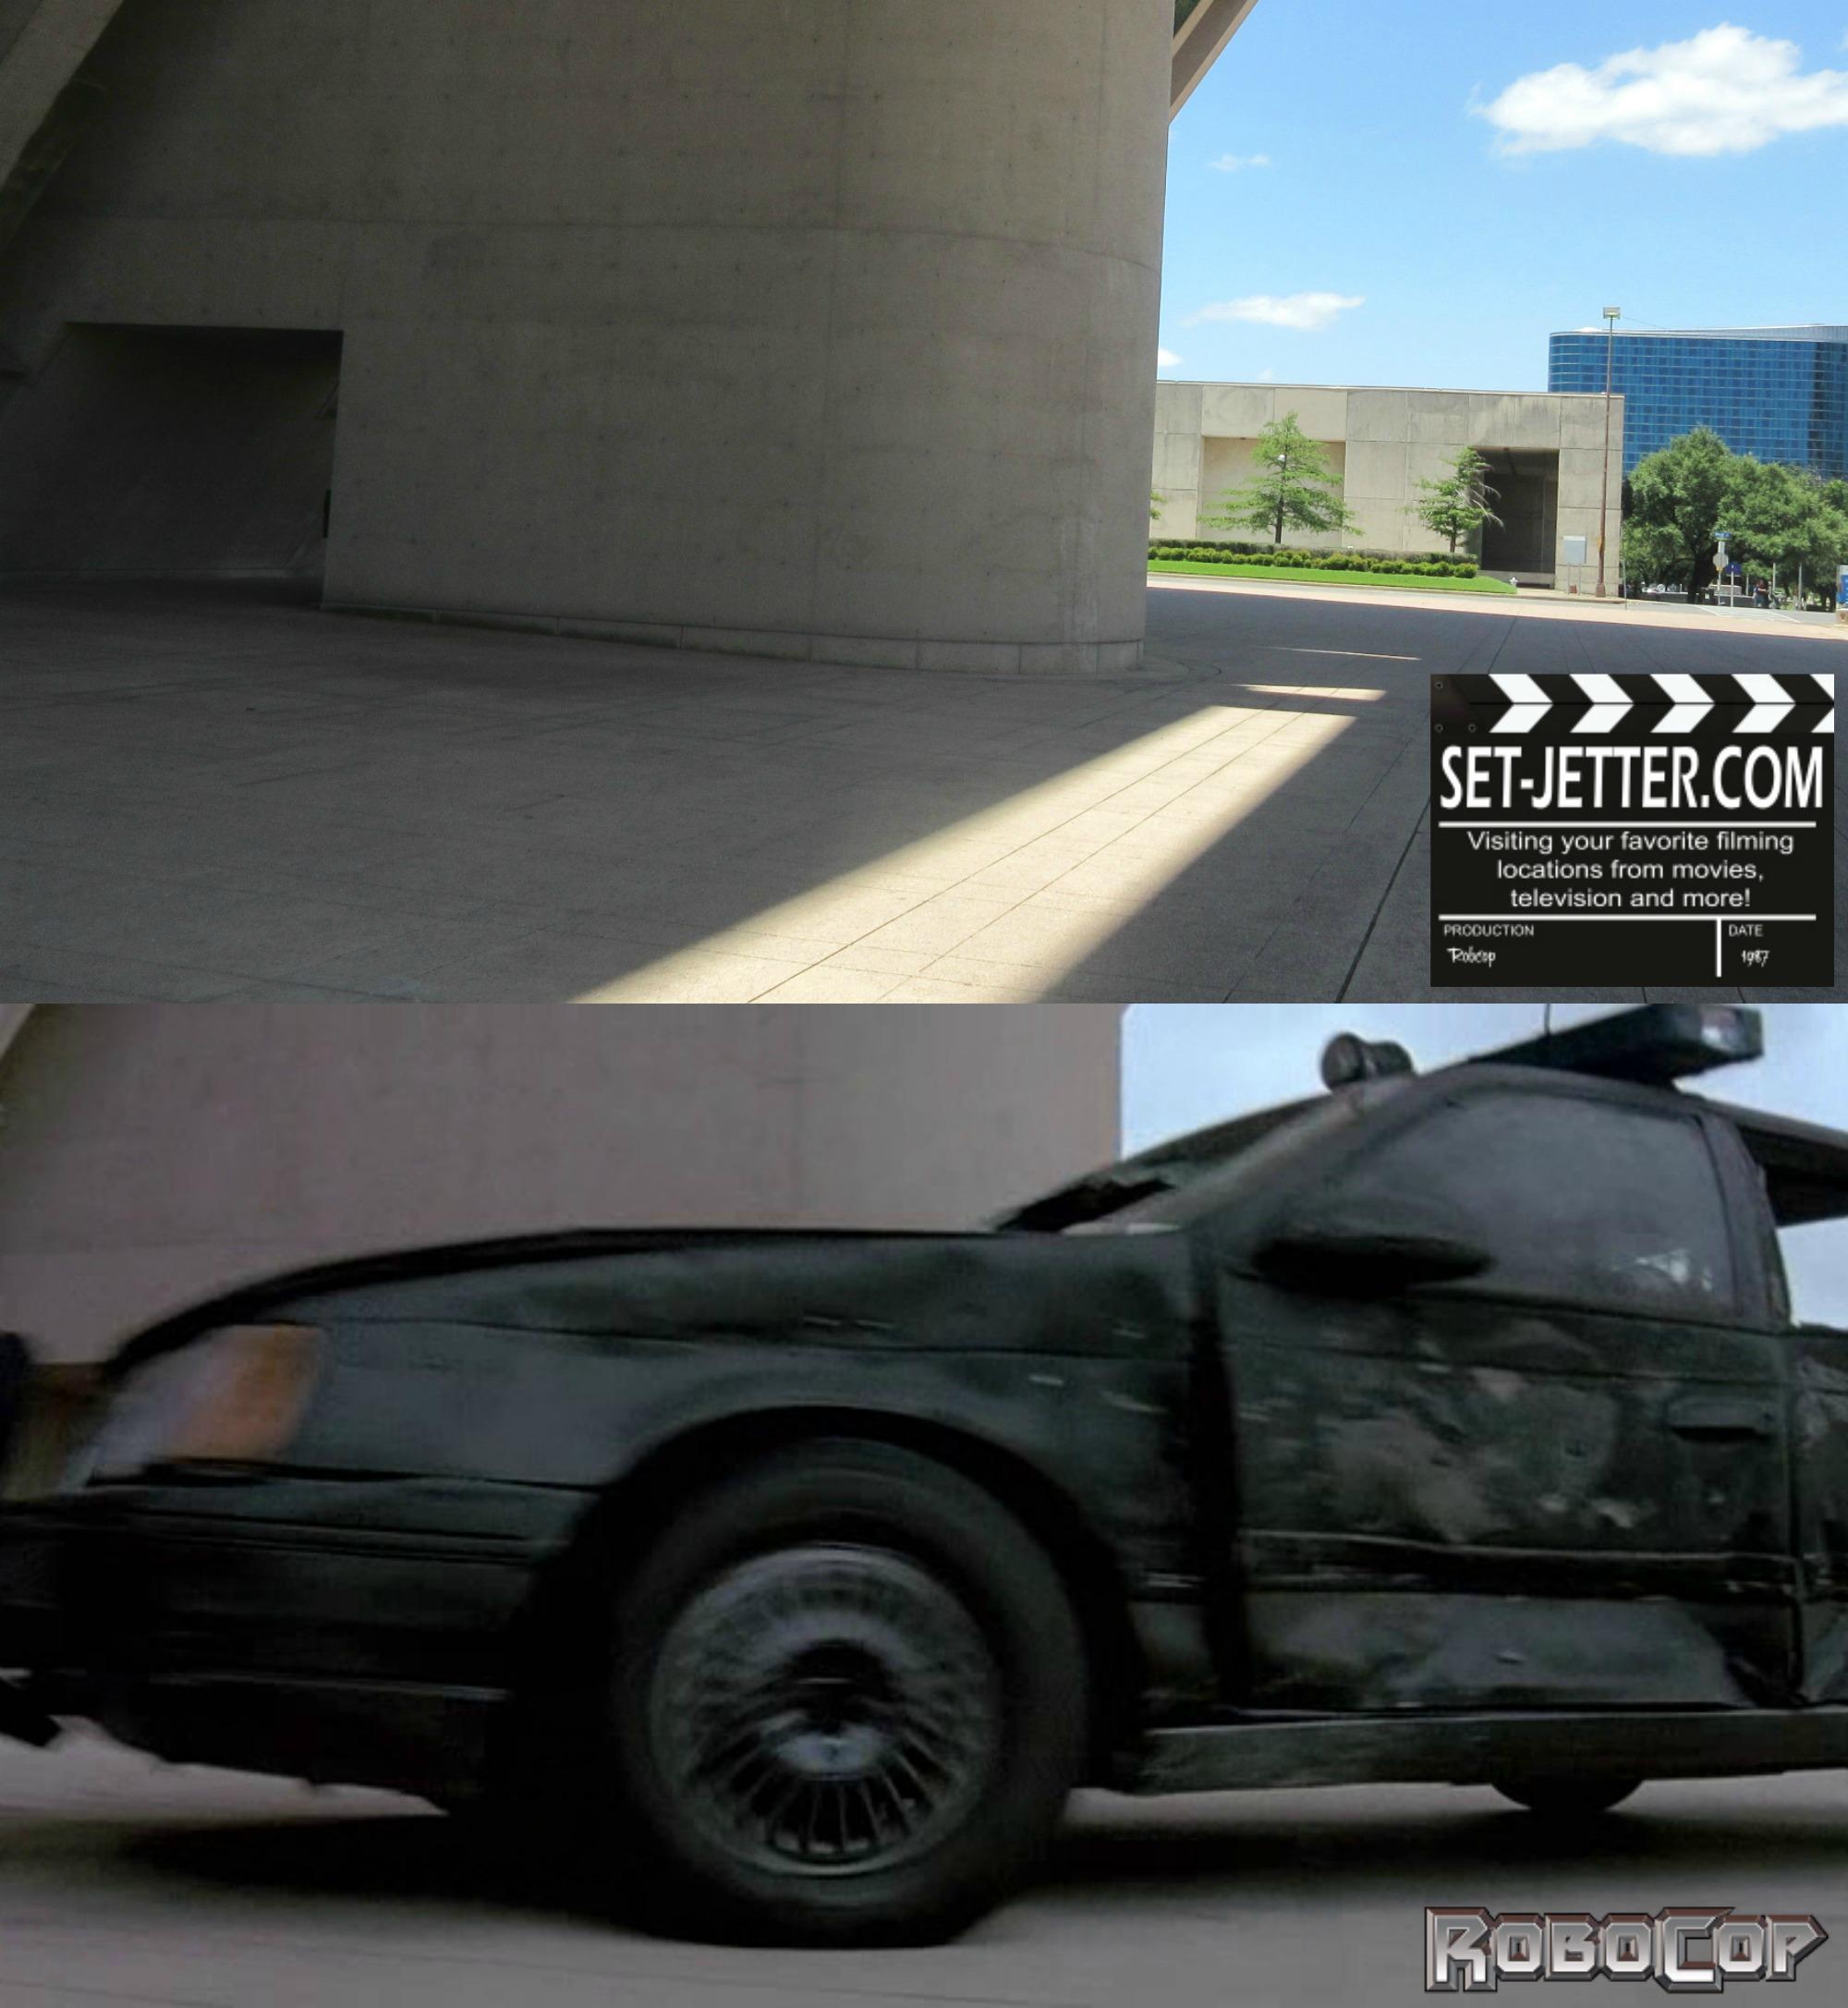 Robocop comparison 157.jpg